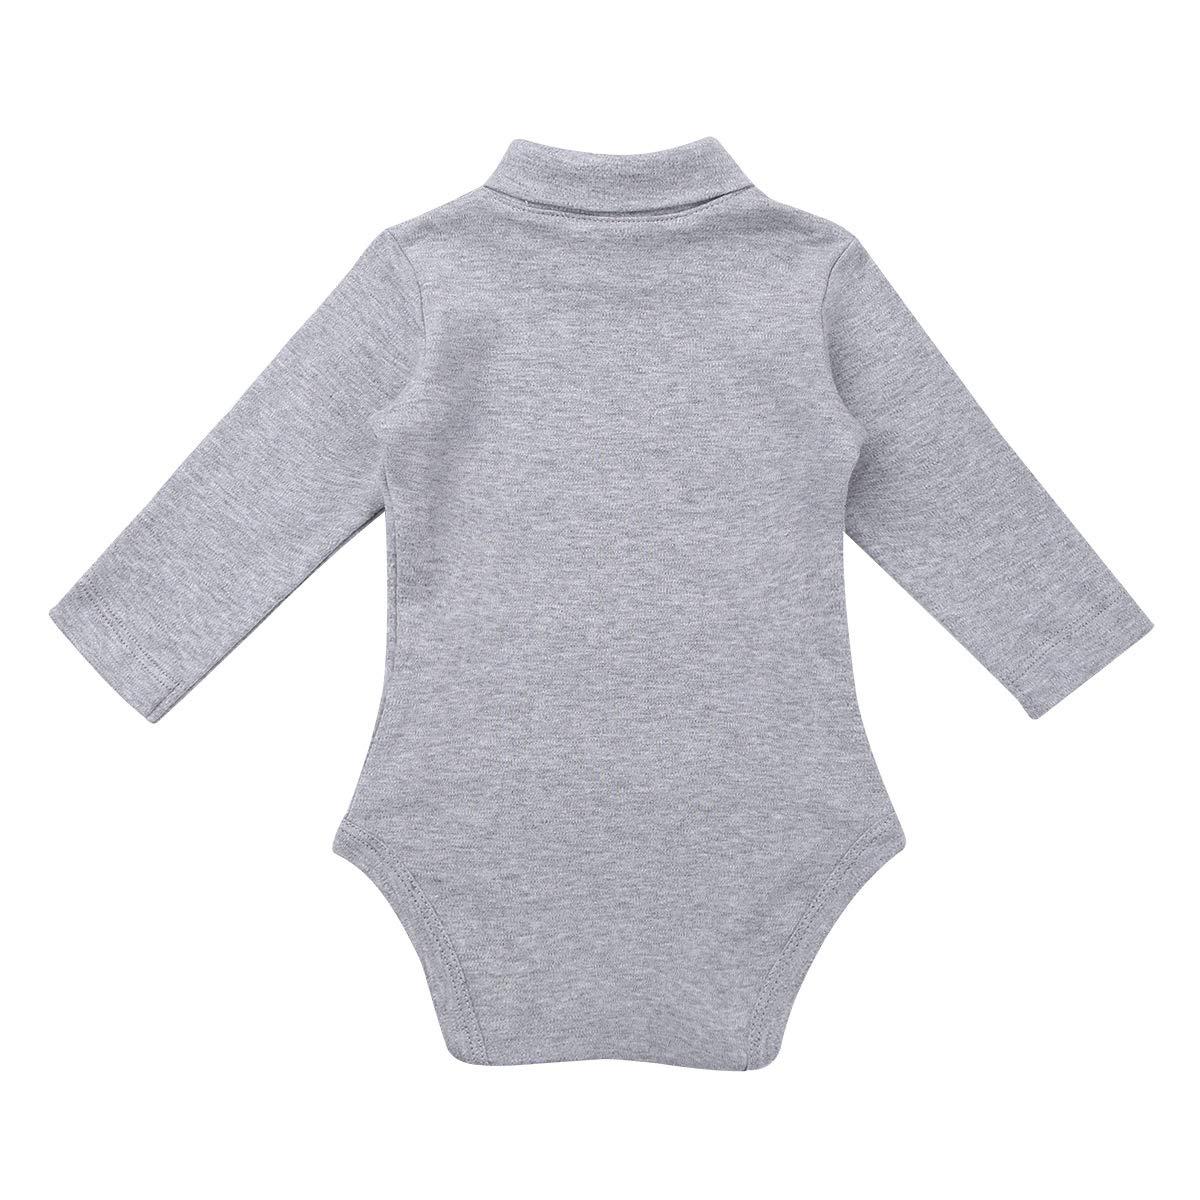 dPois Unisex Baby Rollkragen Body Langarm Strampler Kleinkind Baumwolle Bodysuit Overall Jumpsuit Winter Warm Schlafanzug Spielanzug Kinderbekleidung Gr.50-92